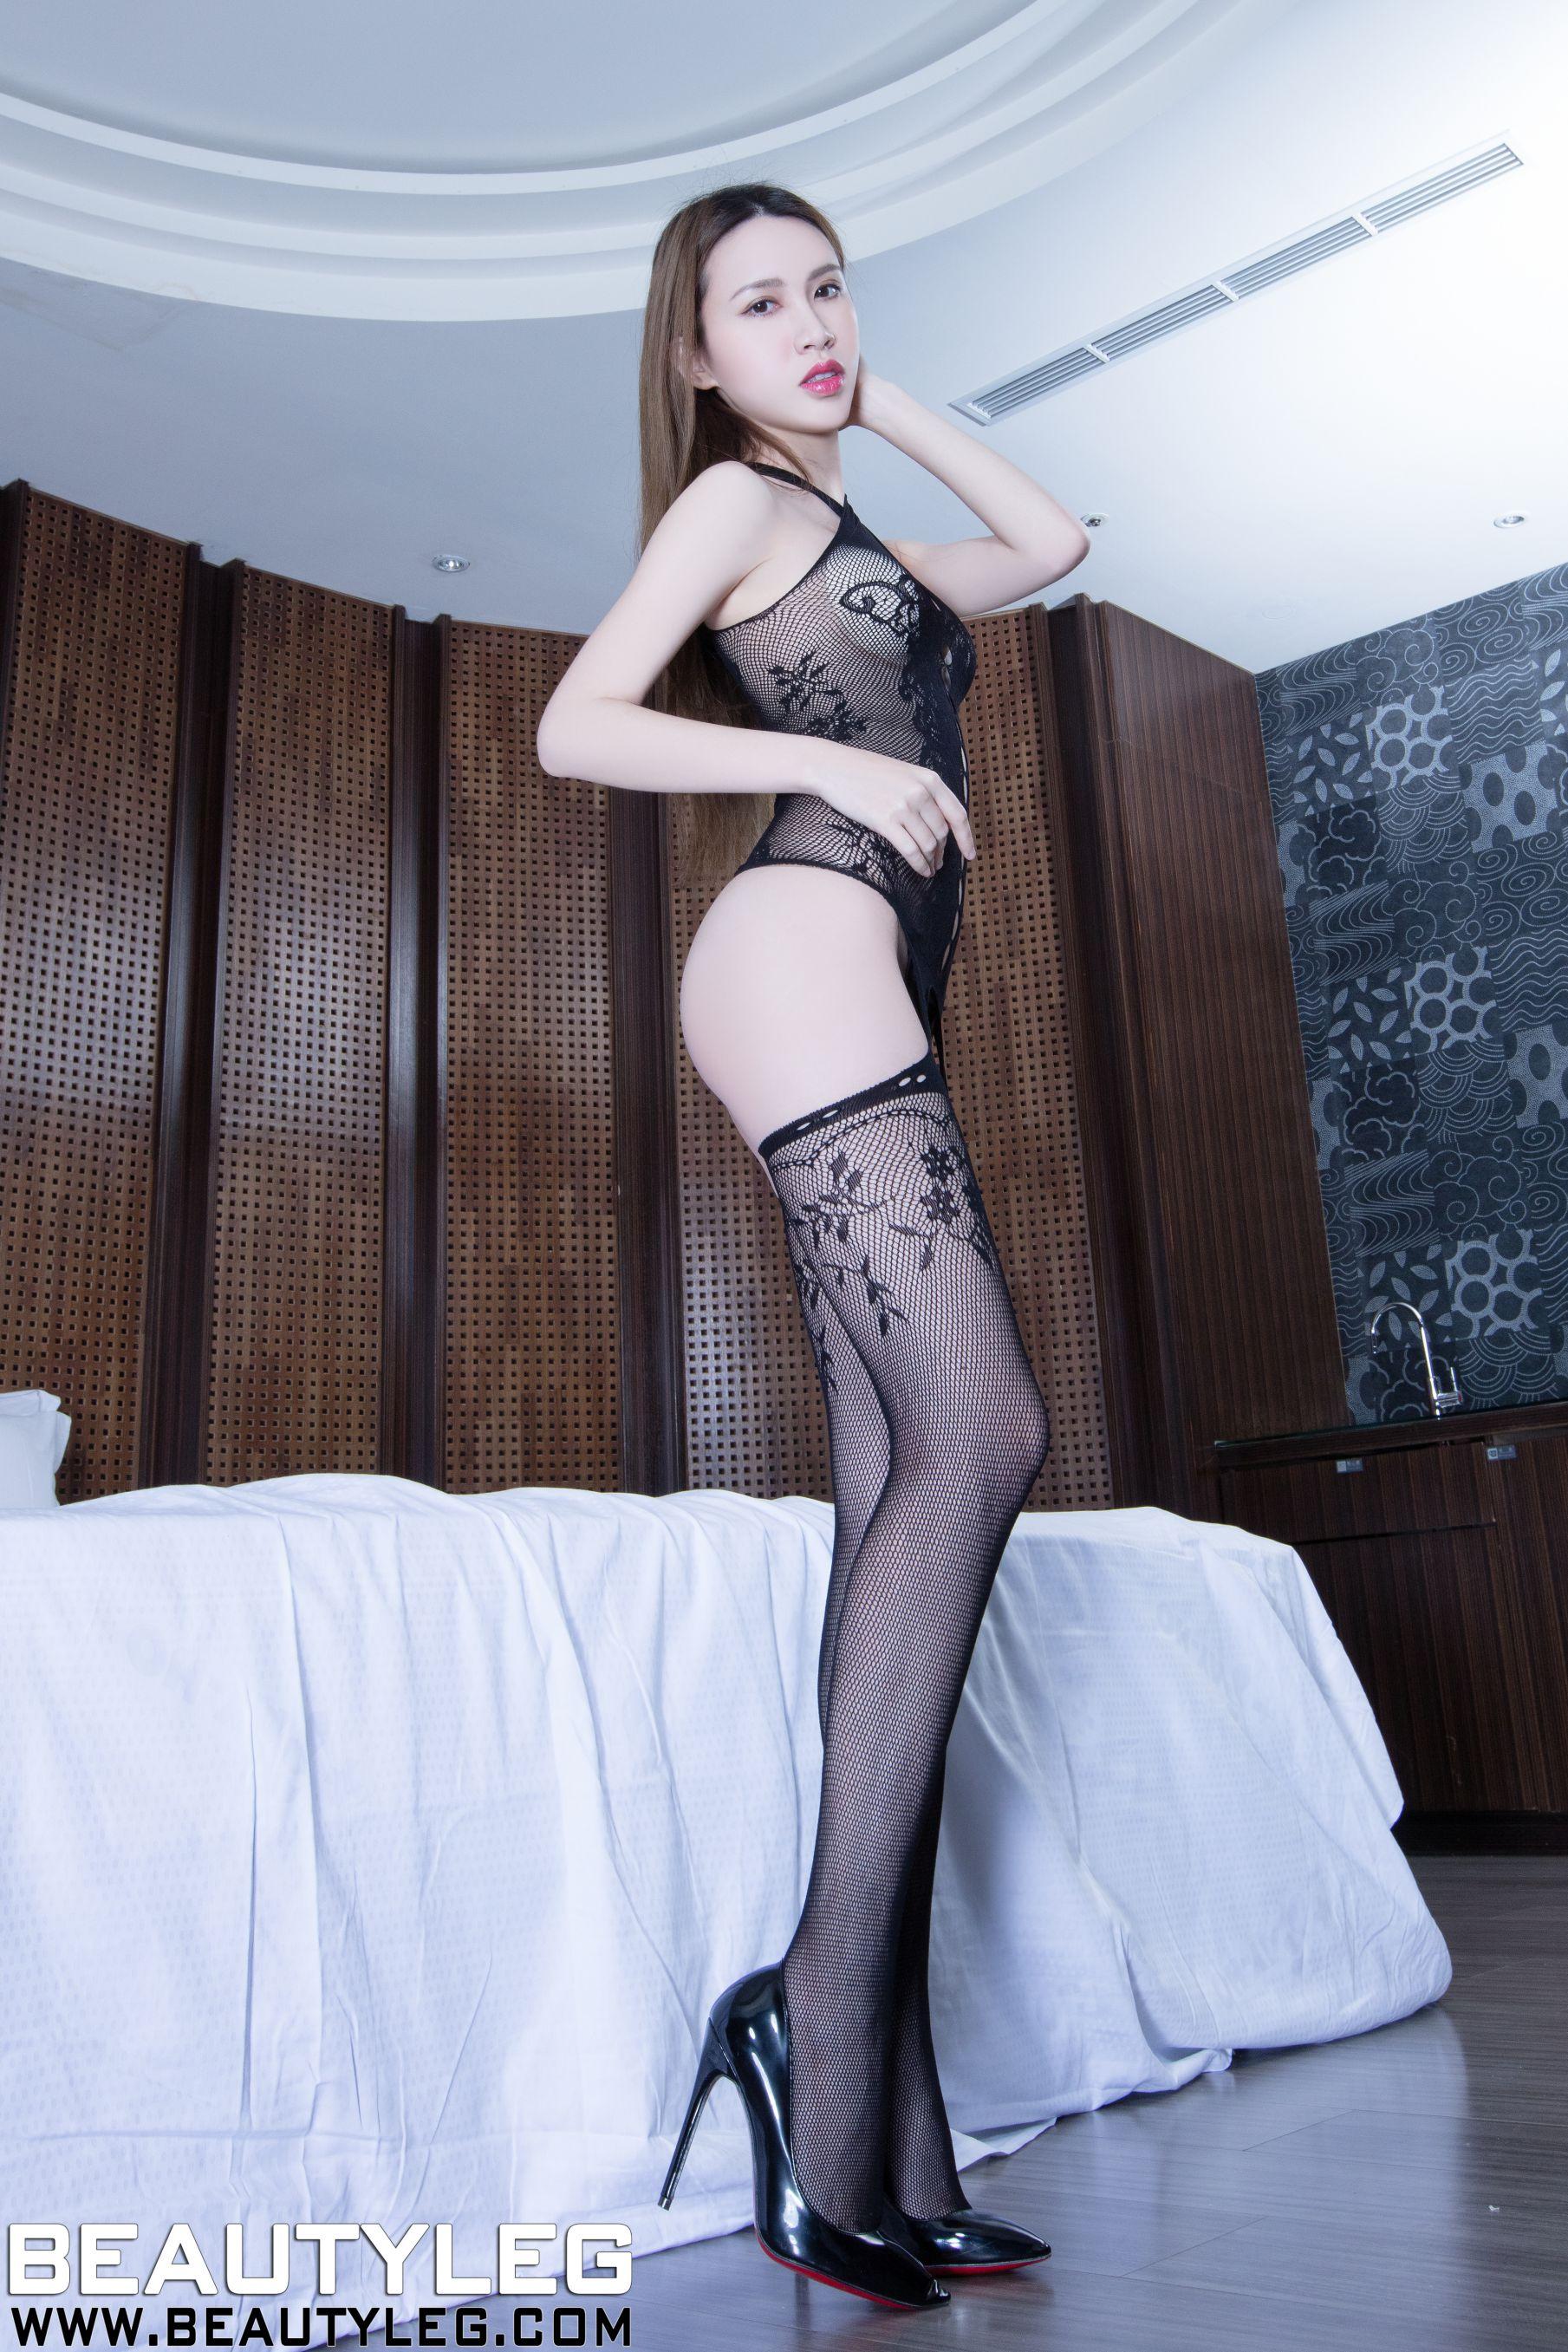 VOL.1282 [Beautyleg]丝袜美腿高跟情趣丝袜吊带丝袜网衣:崔多朵(崔德蓉,腿模Stephy)高品质写真套图(52P)